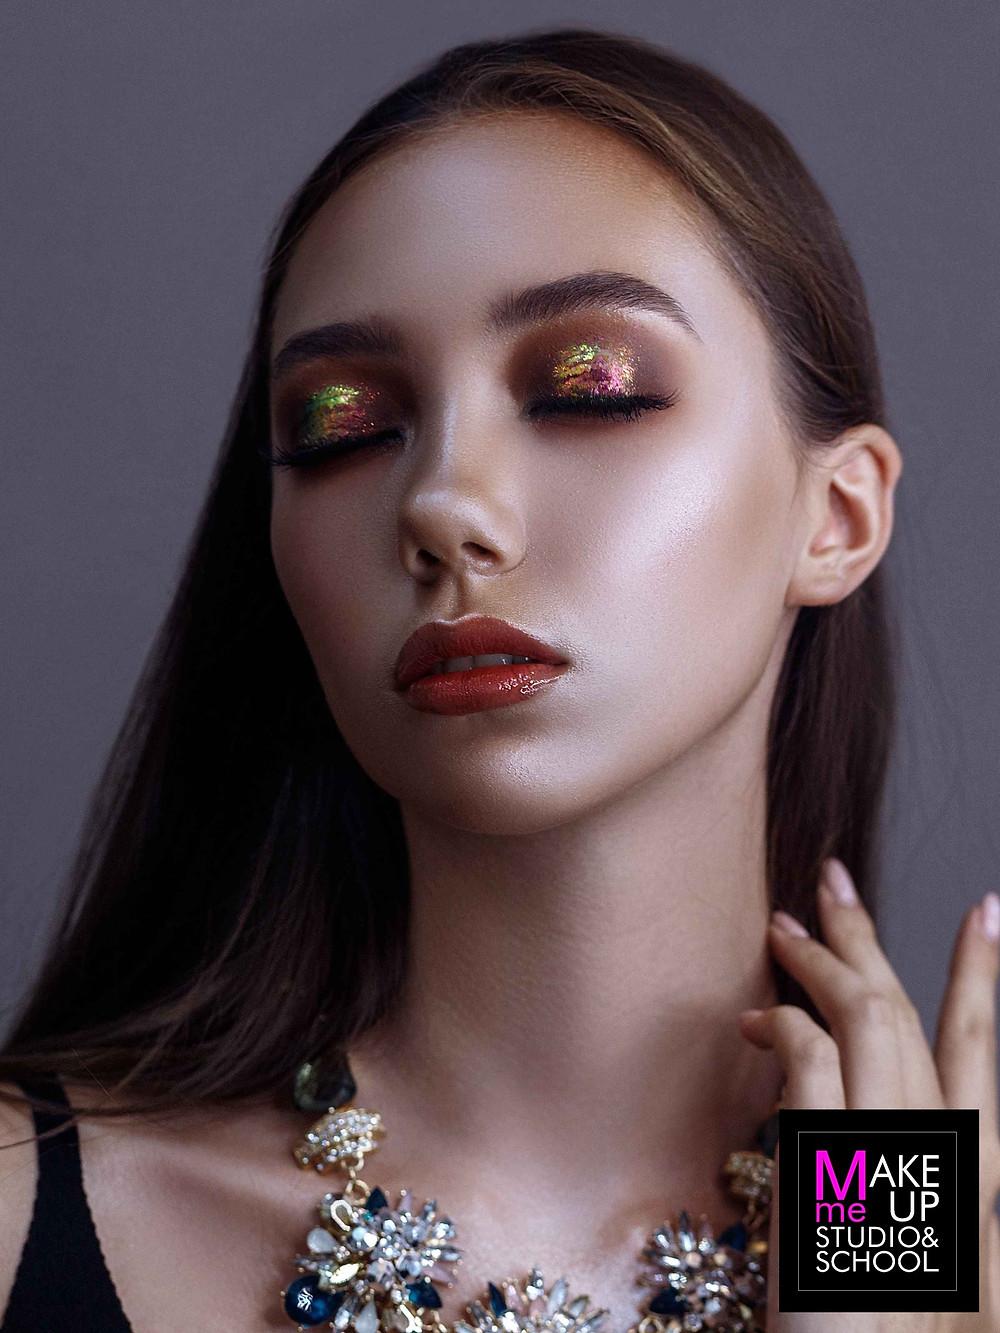 Как выглядит макияж с глиттером?